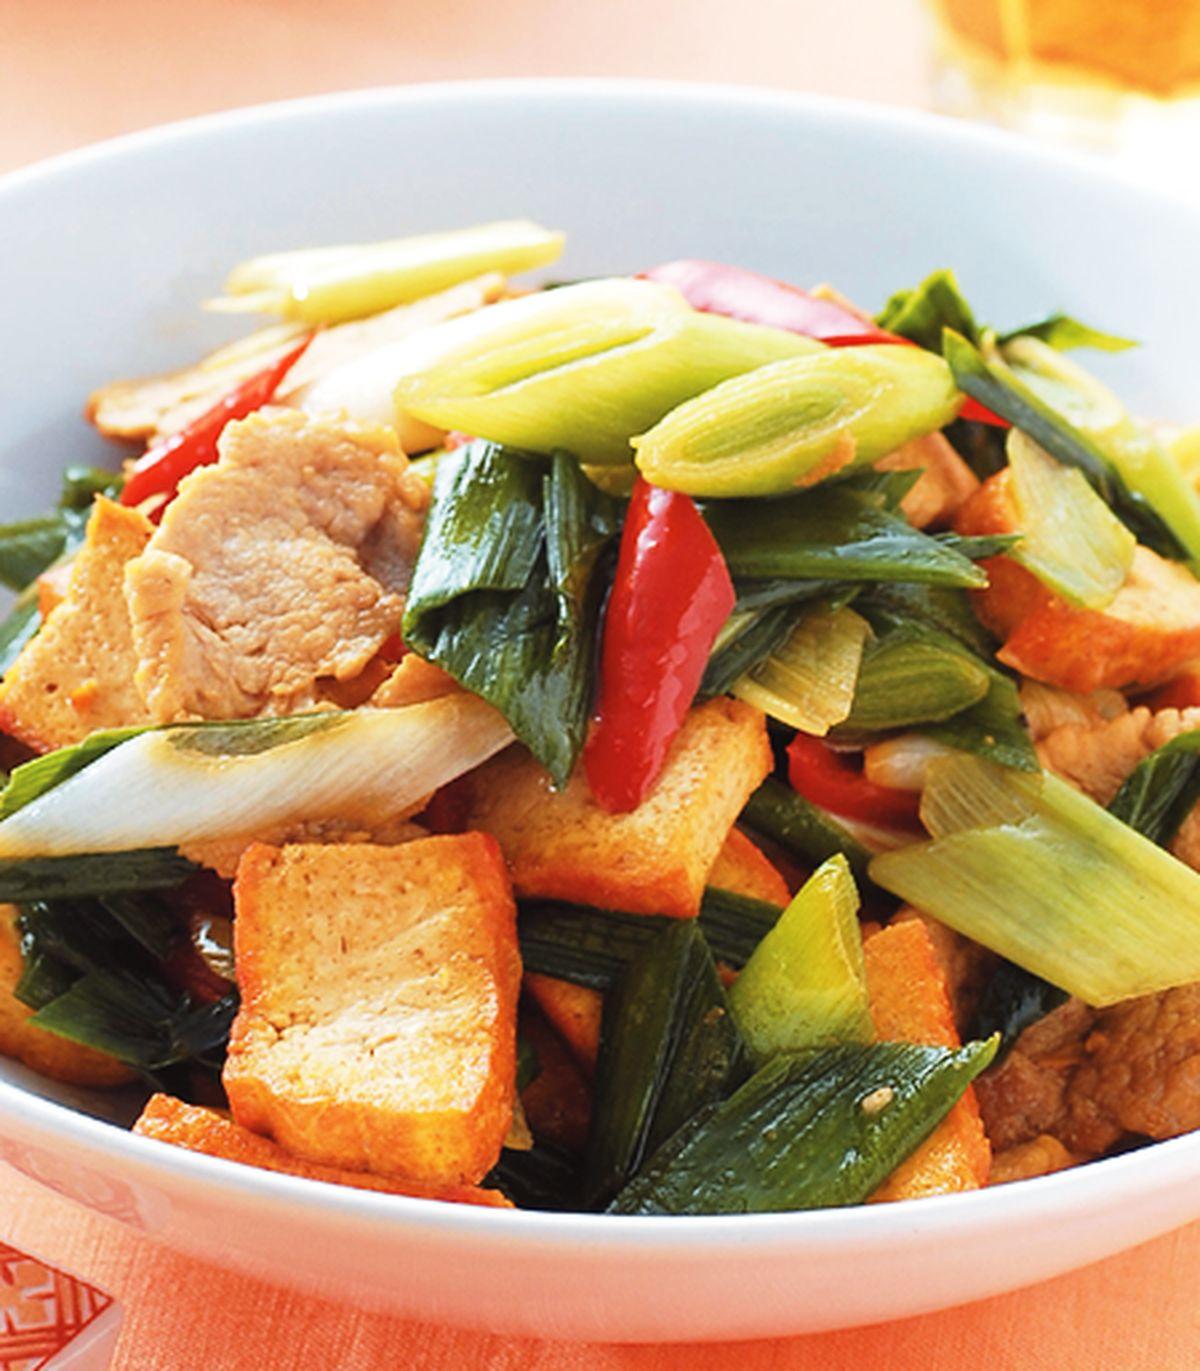 食譜:蒜苗炒黃金豆干